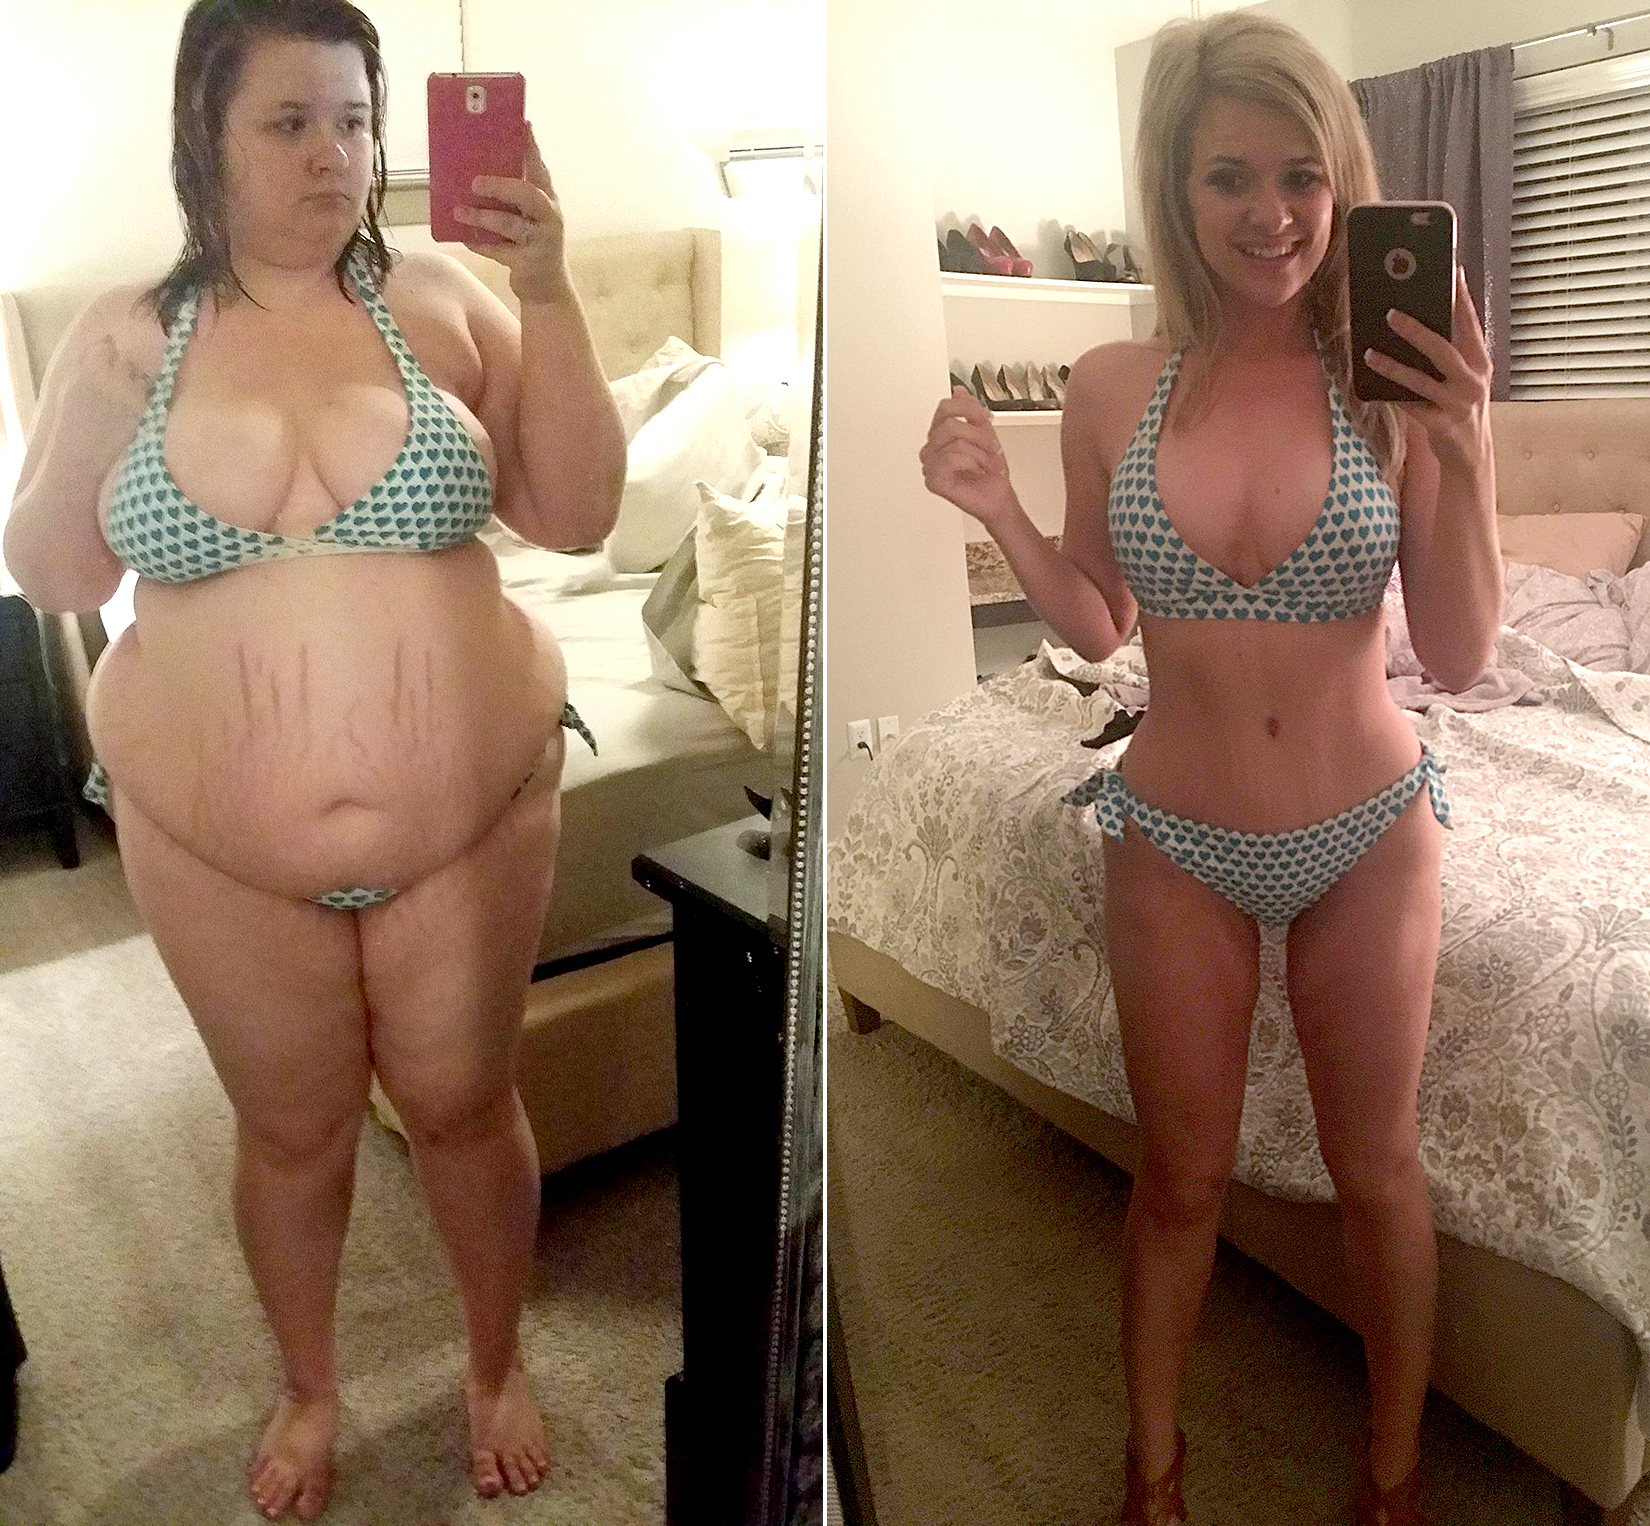 Большая Грудь При Похудении. Теряем килограммы, сохраняем грудь. Возможно? Возможно!